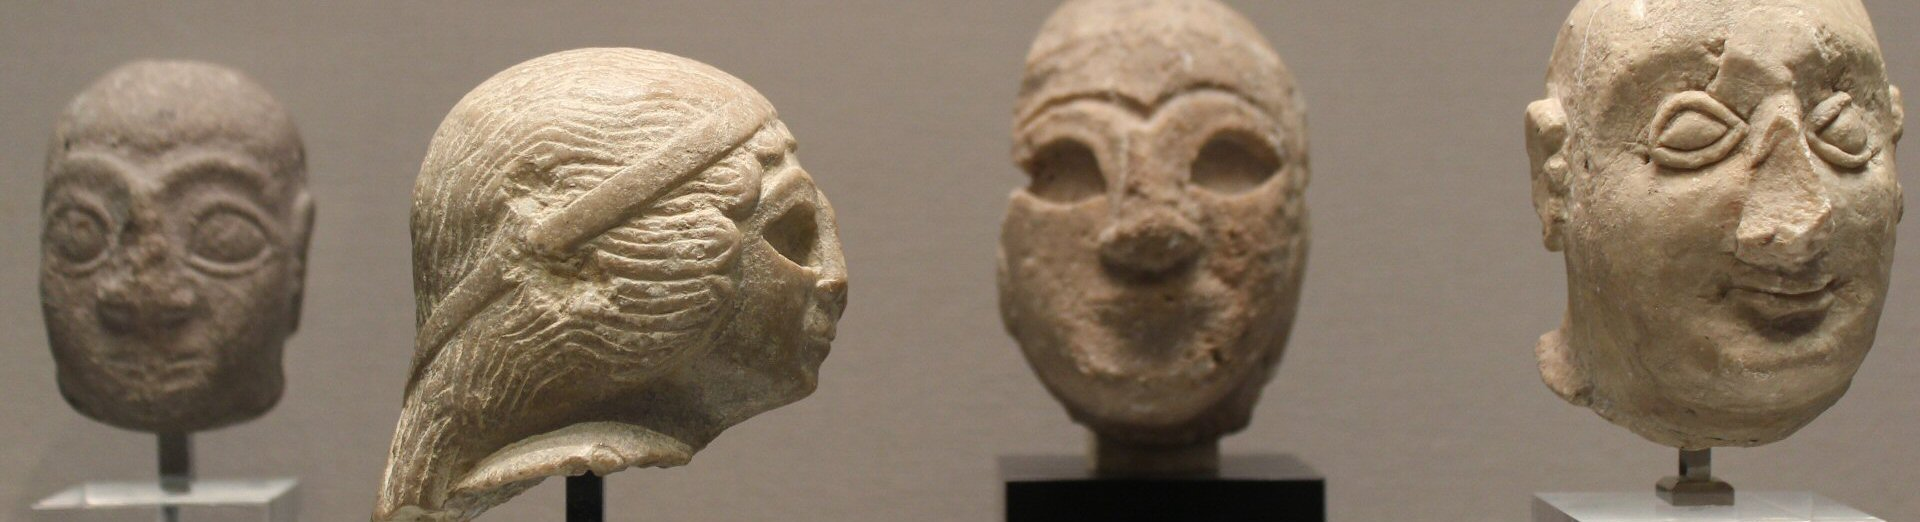 96-storia, arte e mitologia sumera